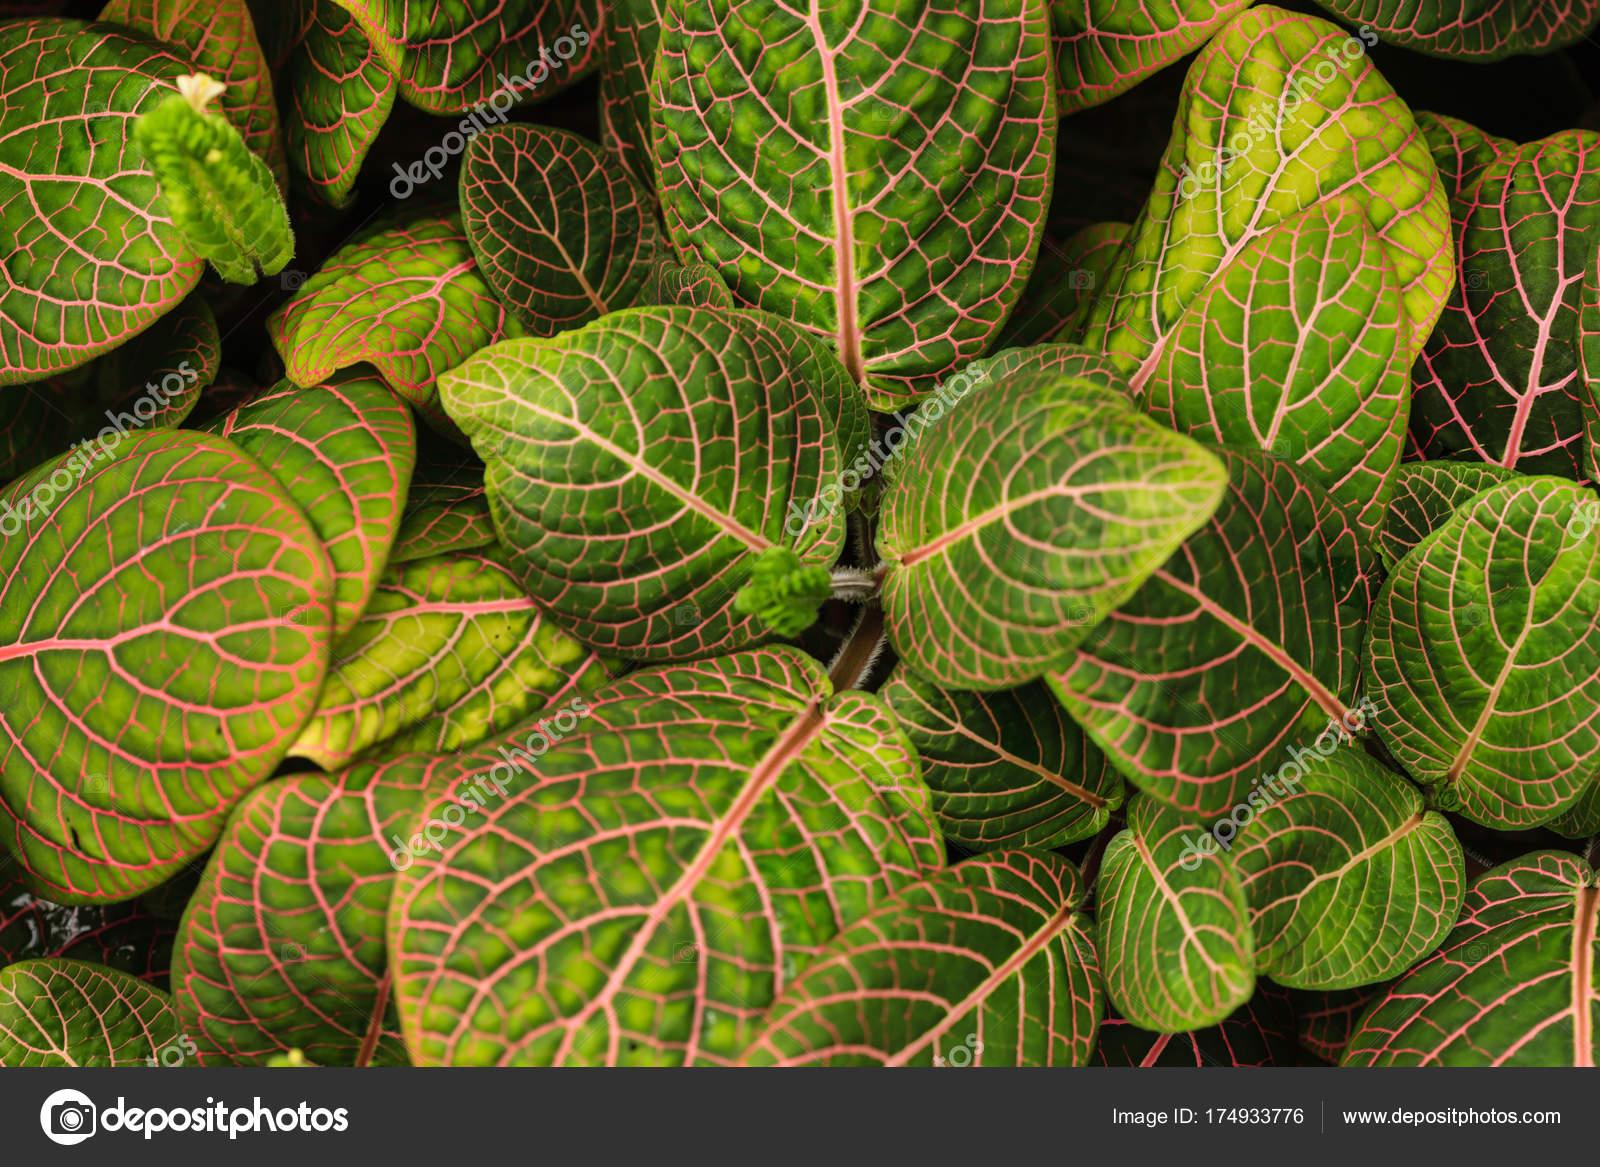 Gewaltig Grüne Pflanzen Galerie Von Fittonia Pflanze Hintergrund Grüne — Stockfoto